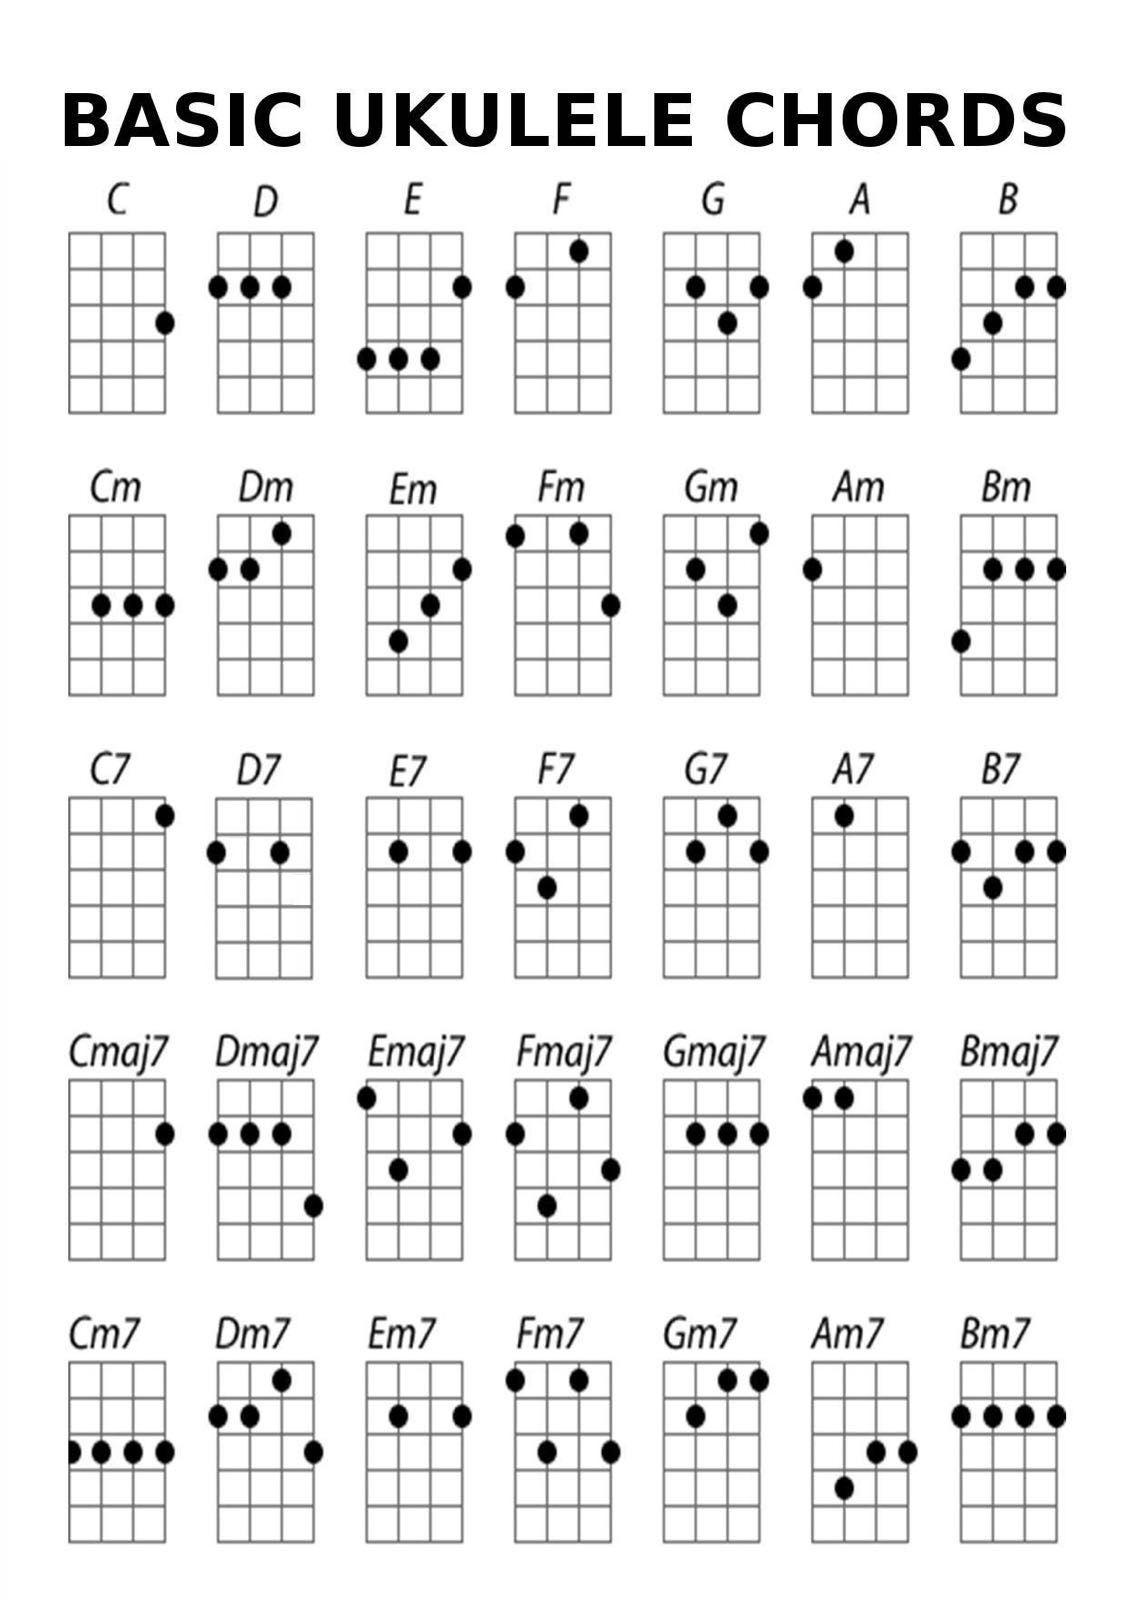 Acordes Basicos Ukulele Chords Chart Ukulele Chords Ukulele